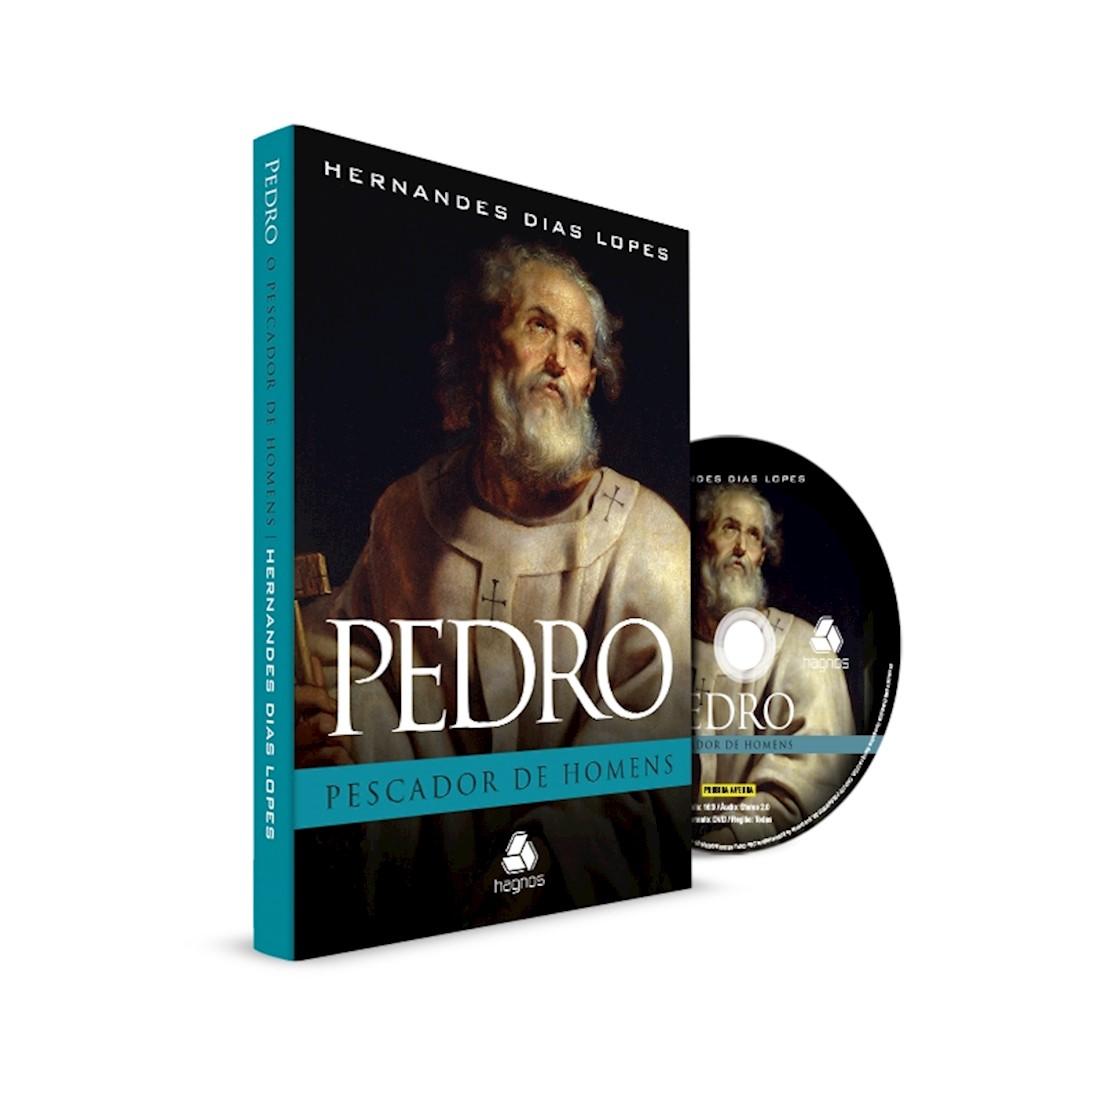 Livro Pedro - Pescador de Homens